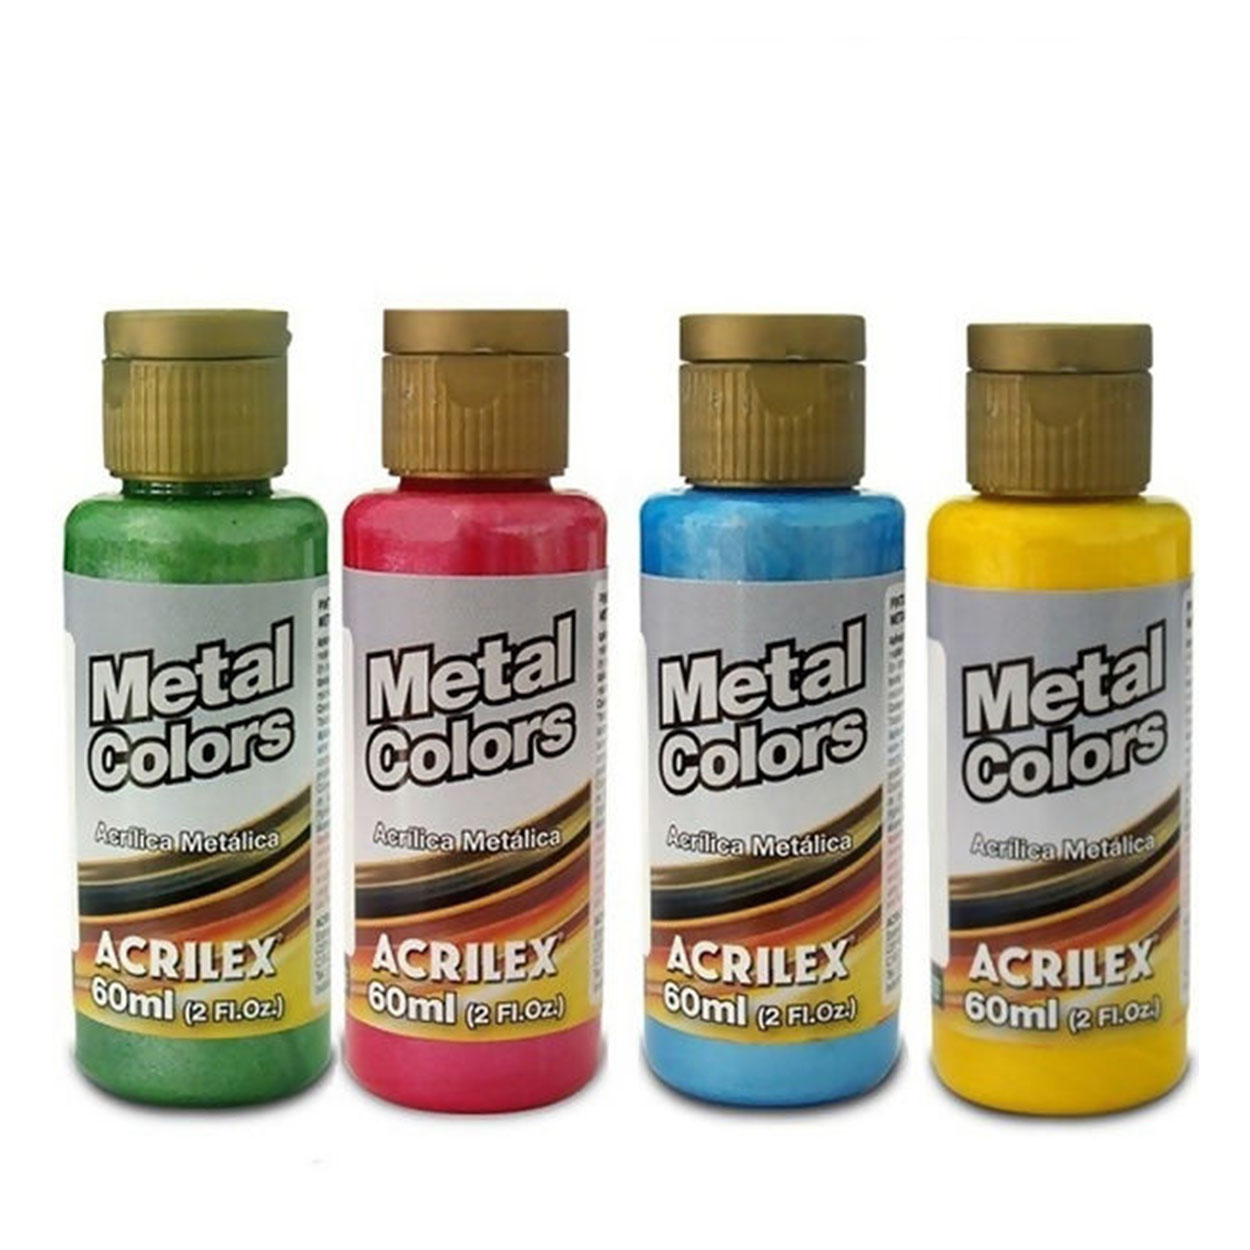 metal colors1